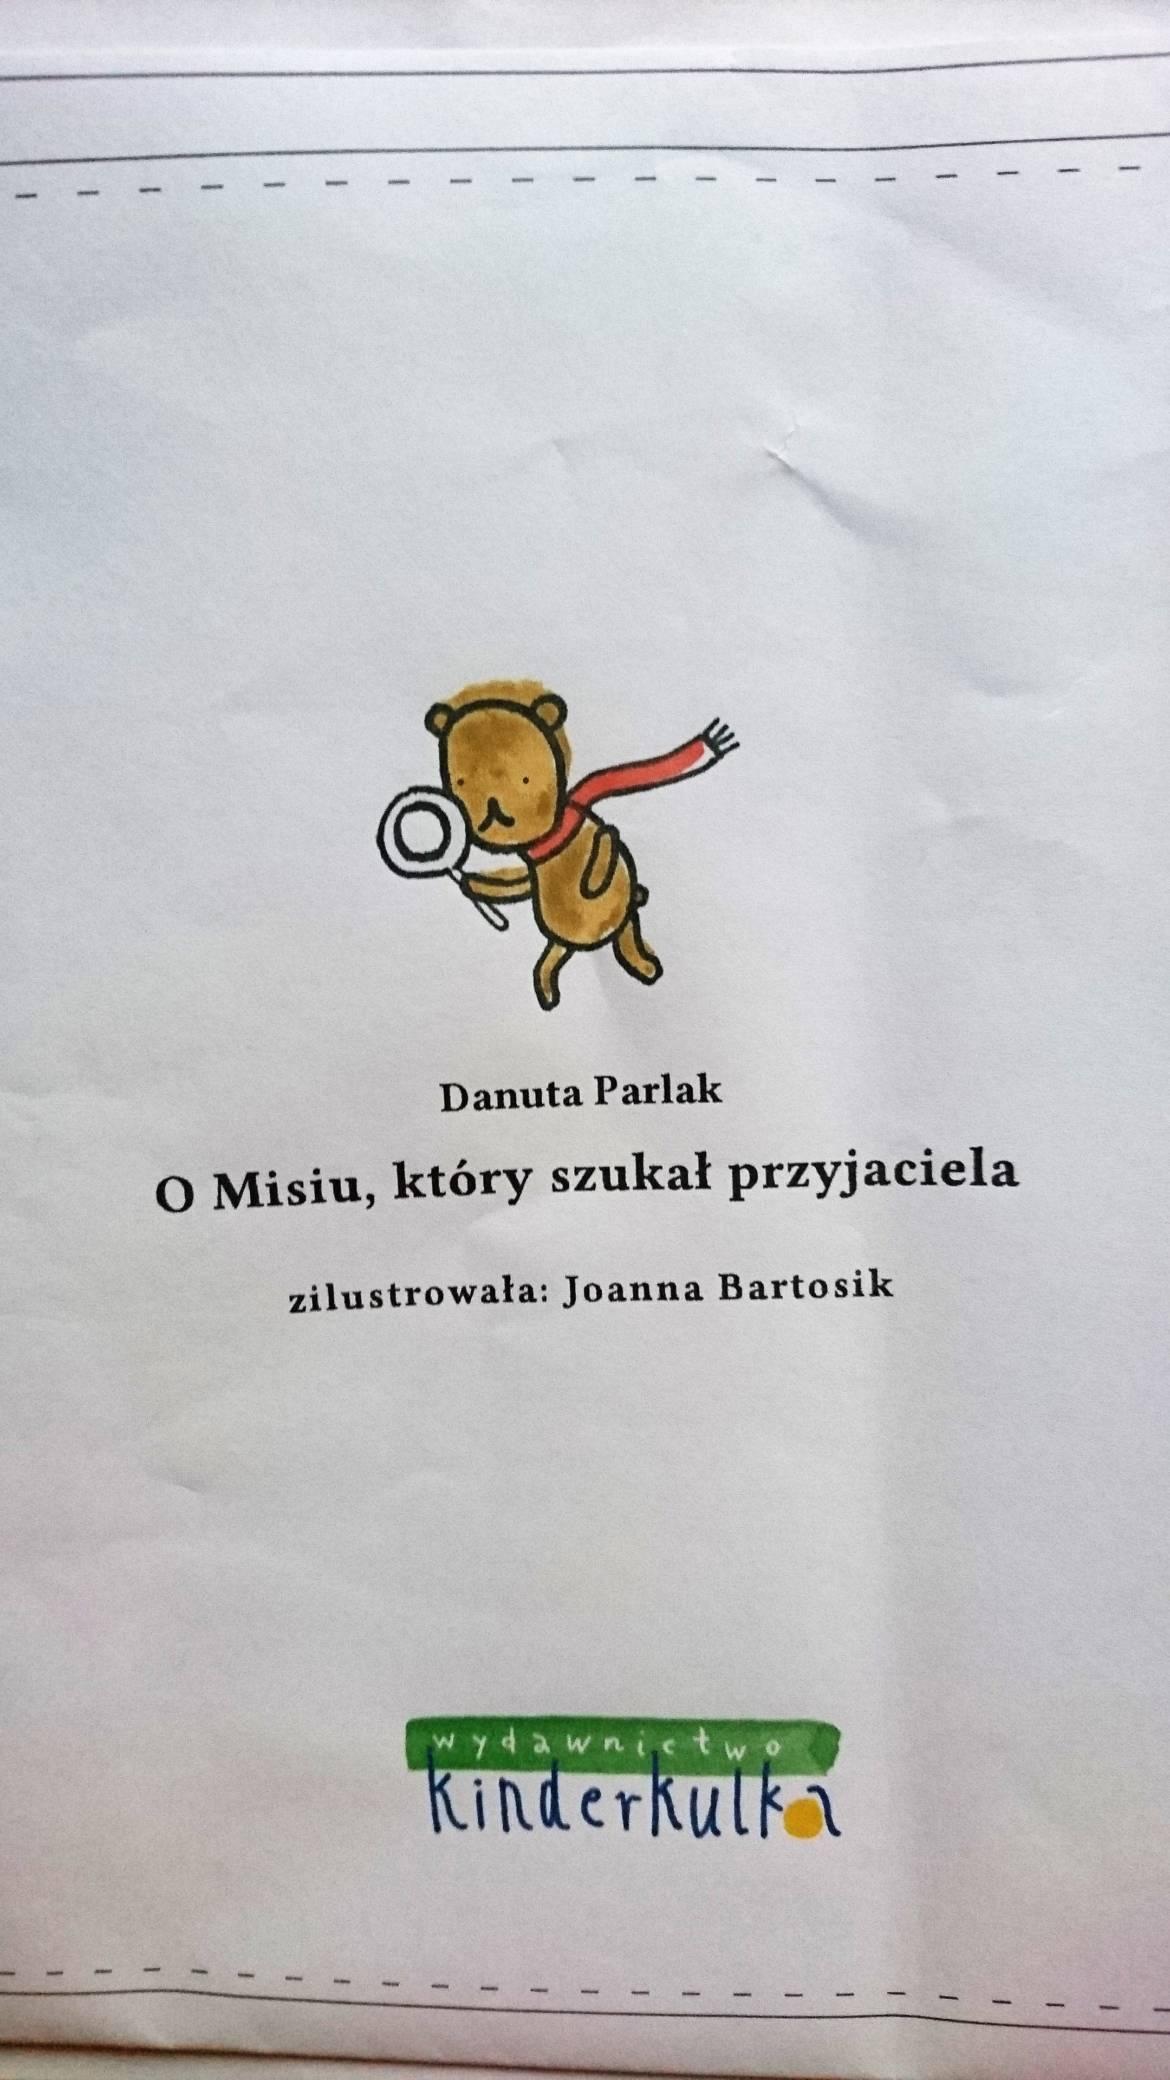 o_misiu_ktory_szukal_przyjaciela_kinderkula_wydruk_probny_6.jpg